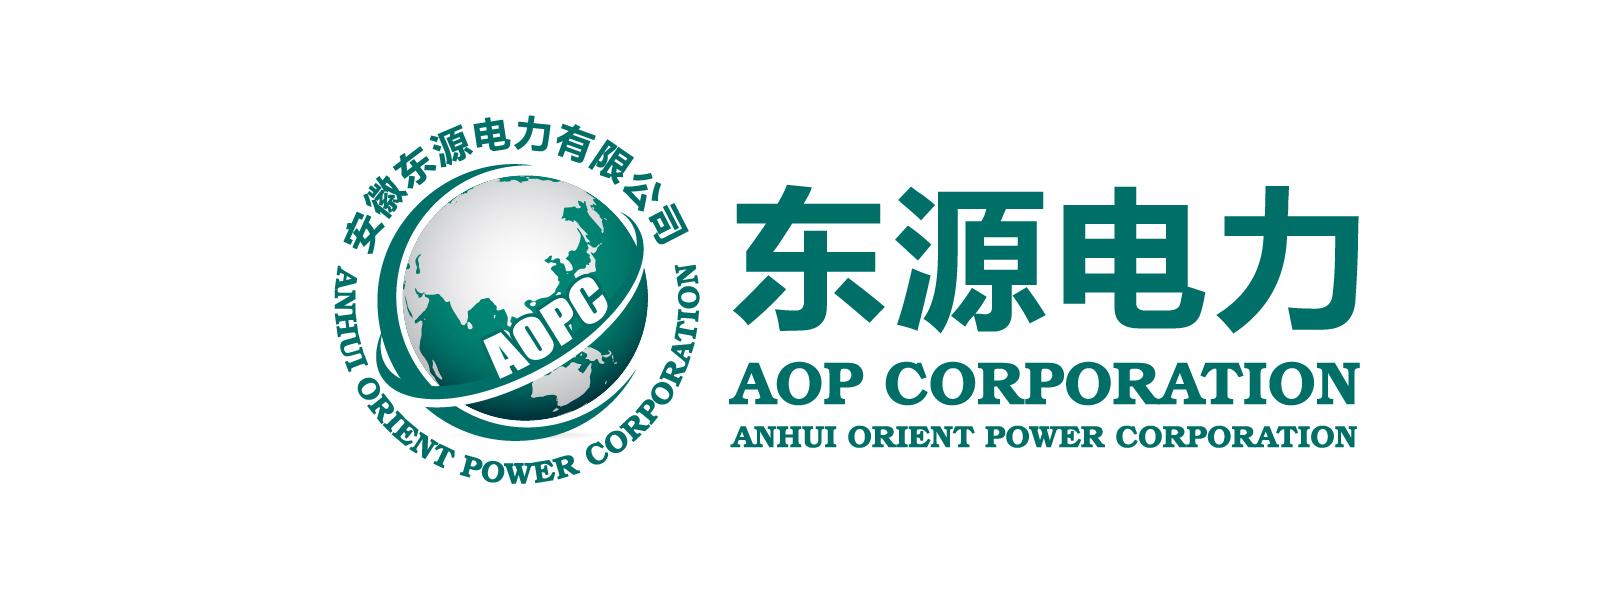 安徽東源電力有限公司